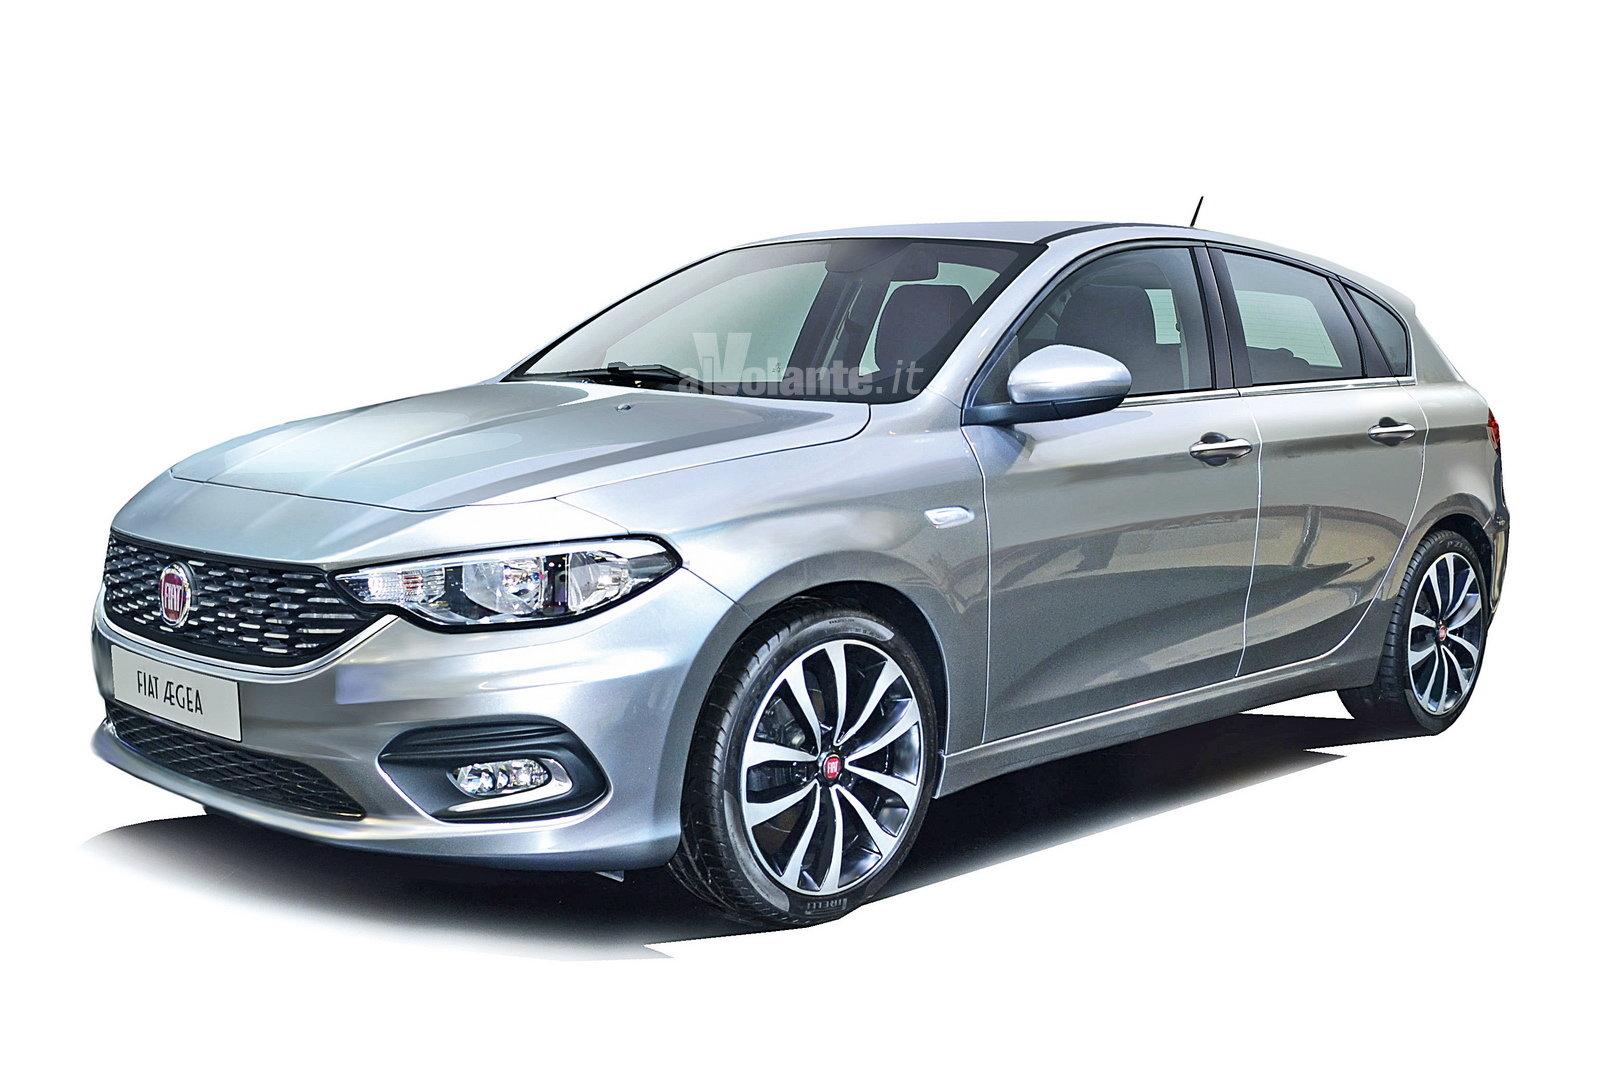 Foto - Fiat Aegea: nel 2016 anche wagon e 5 porte